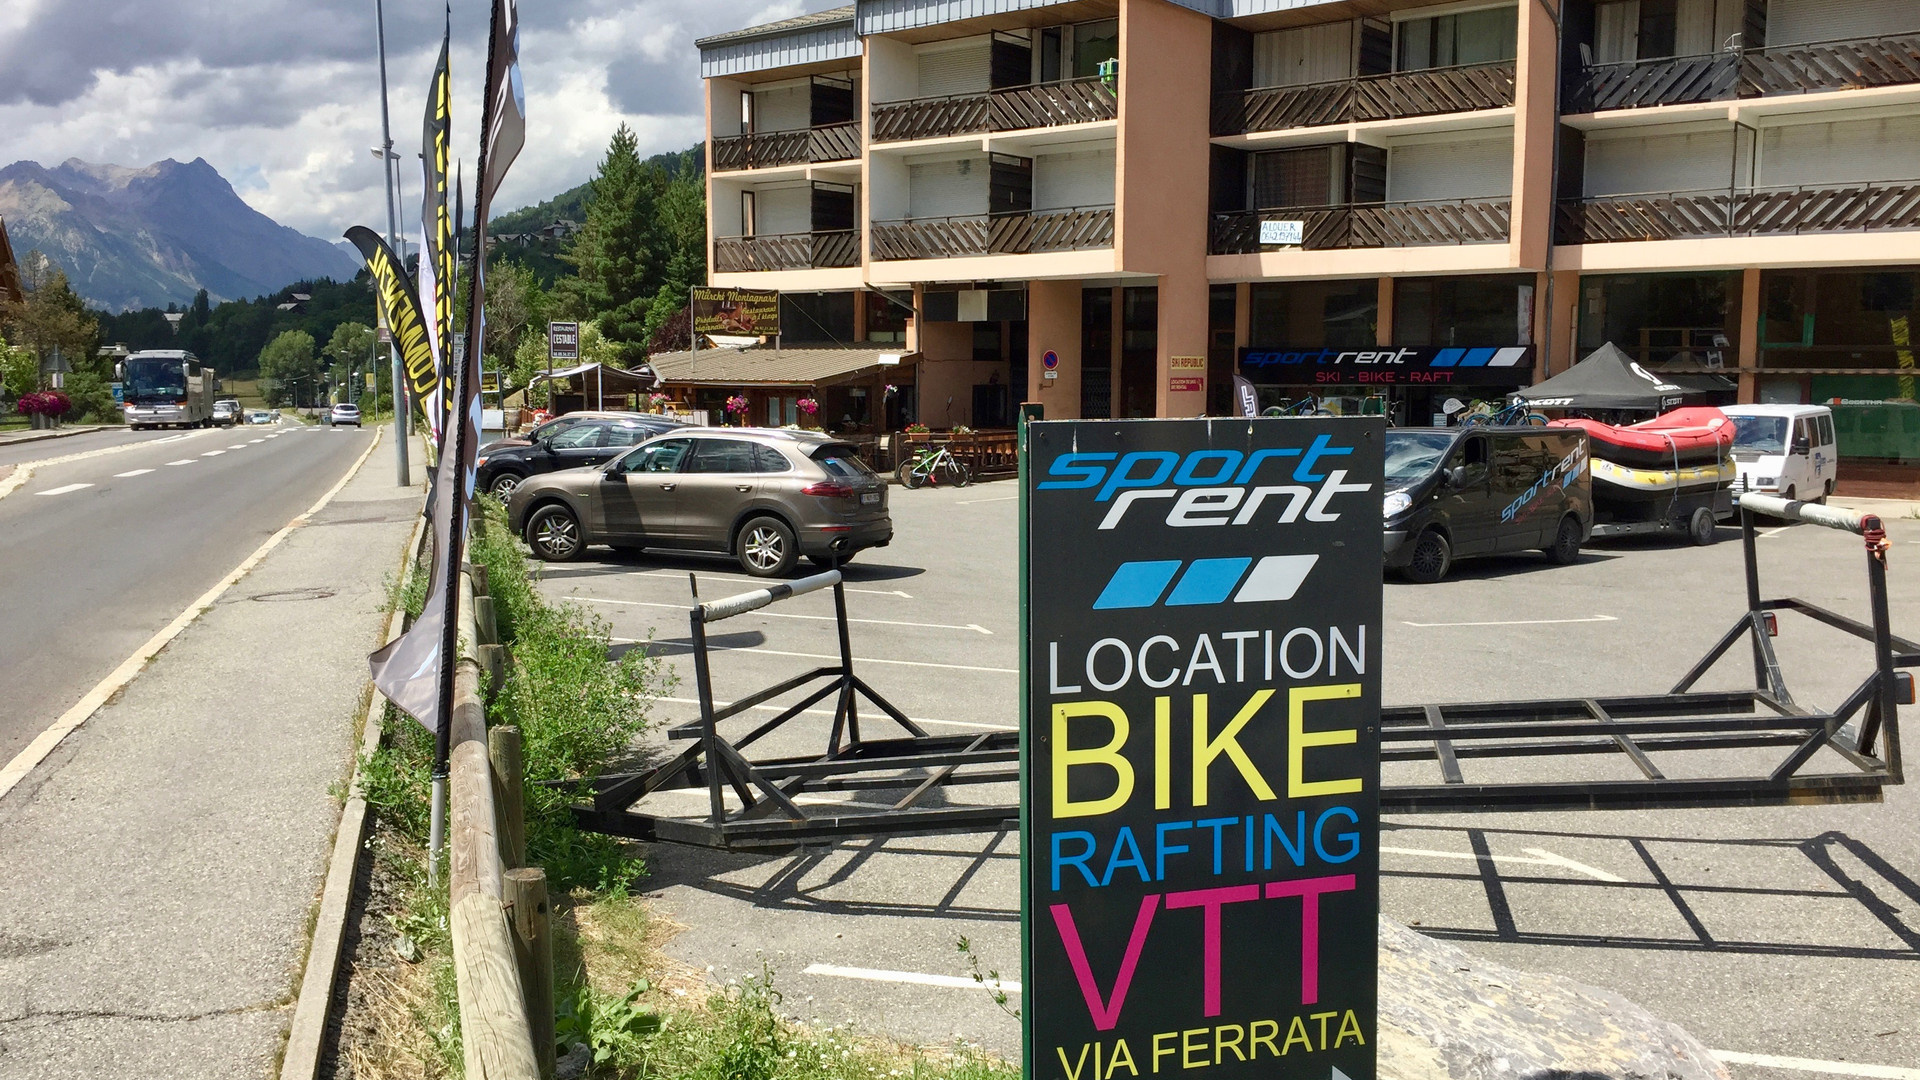 SPORTRENT Bike VTT